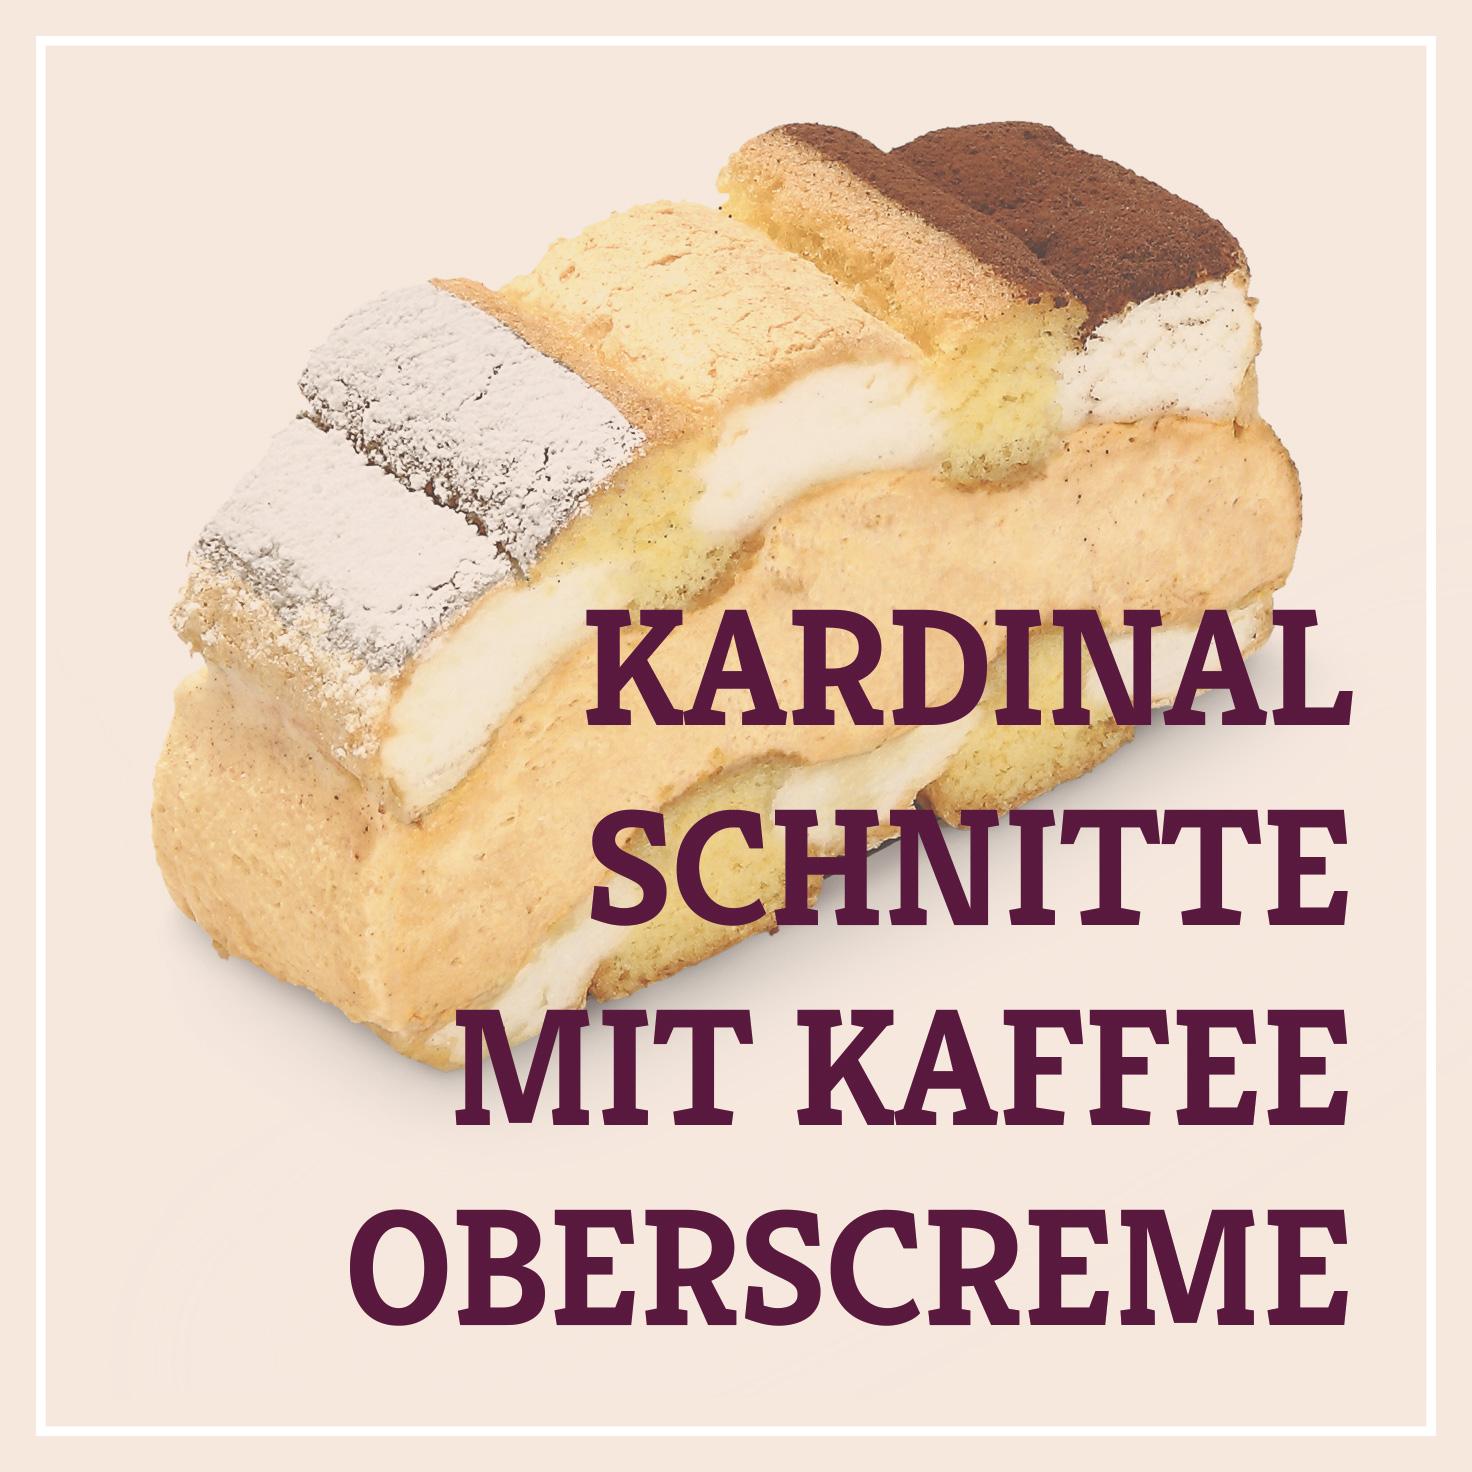 Heiss & Süß - Kardinalschnitte mit Kaffeeoberscreme